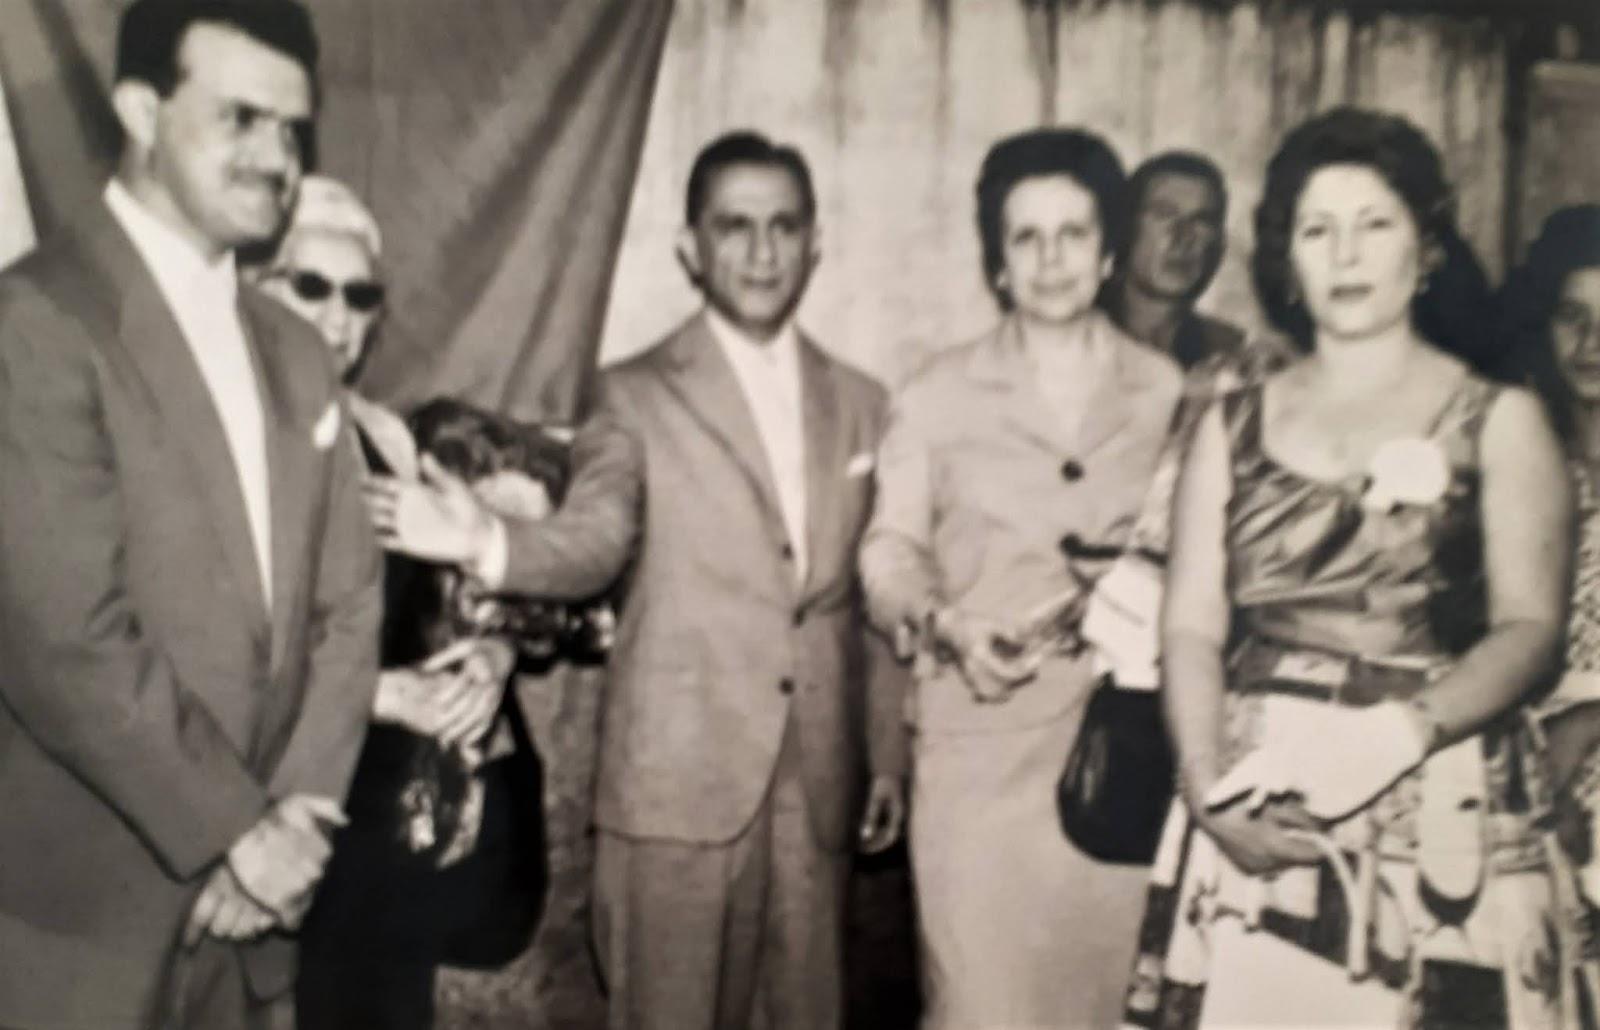 Joubert de Carvalho e sua esposa em Maringá - 1959